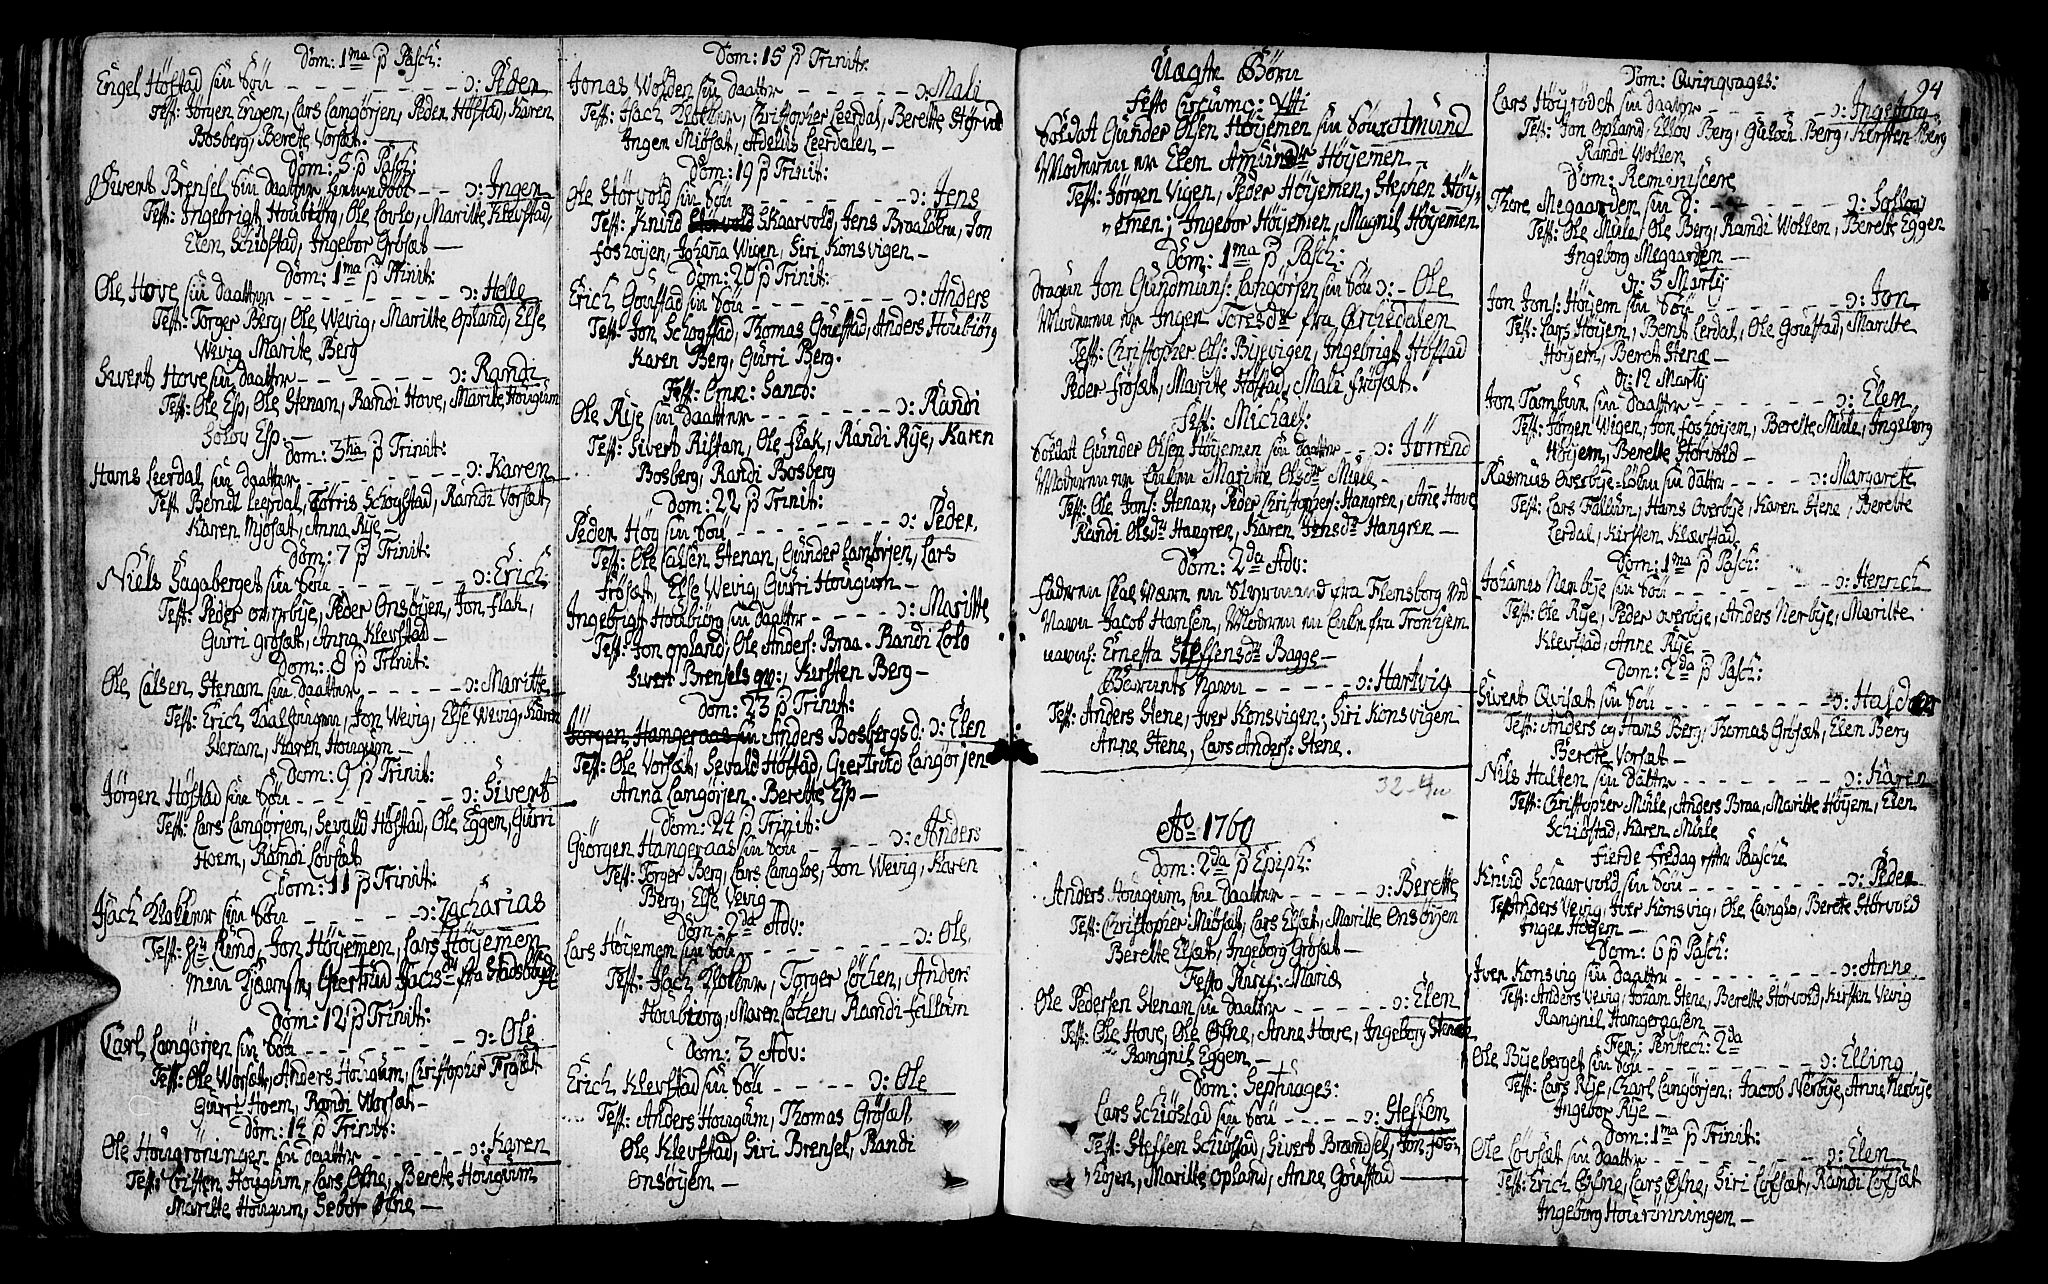 SAT, Ministerialprotokoller, klokkerbøker og fødselsregistre - Sør-Trøndelag, 612/L0370: Ministerialbok nr. 612A04, 1754-1802, s. 94